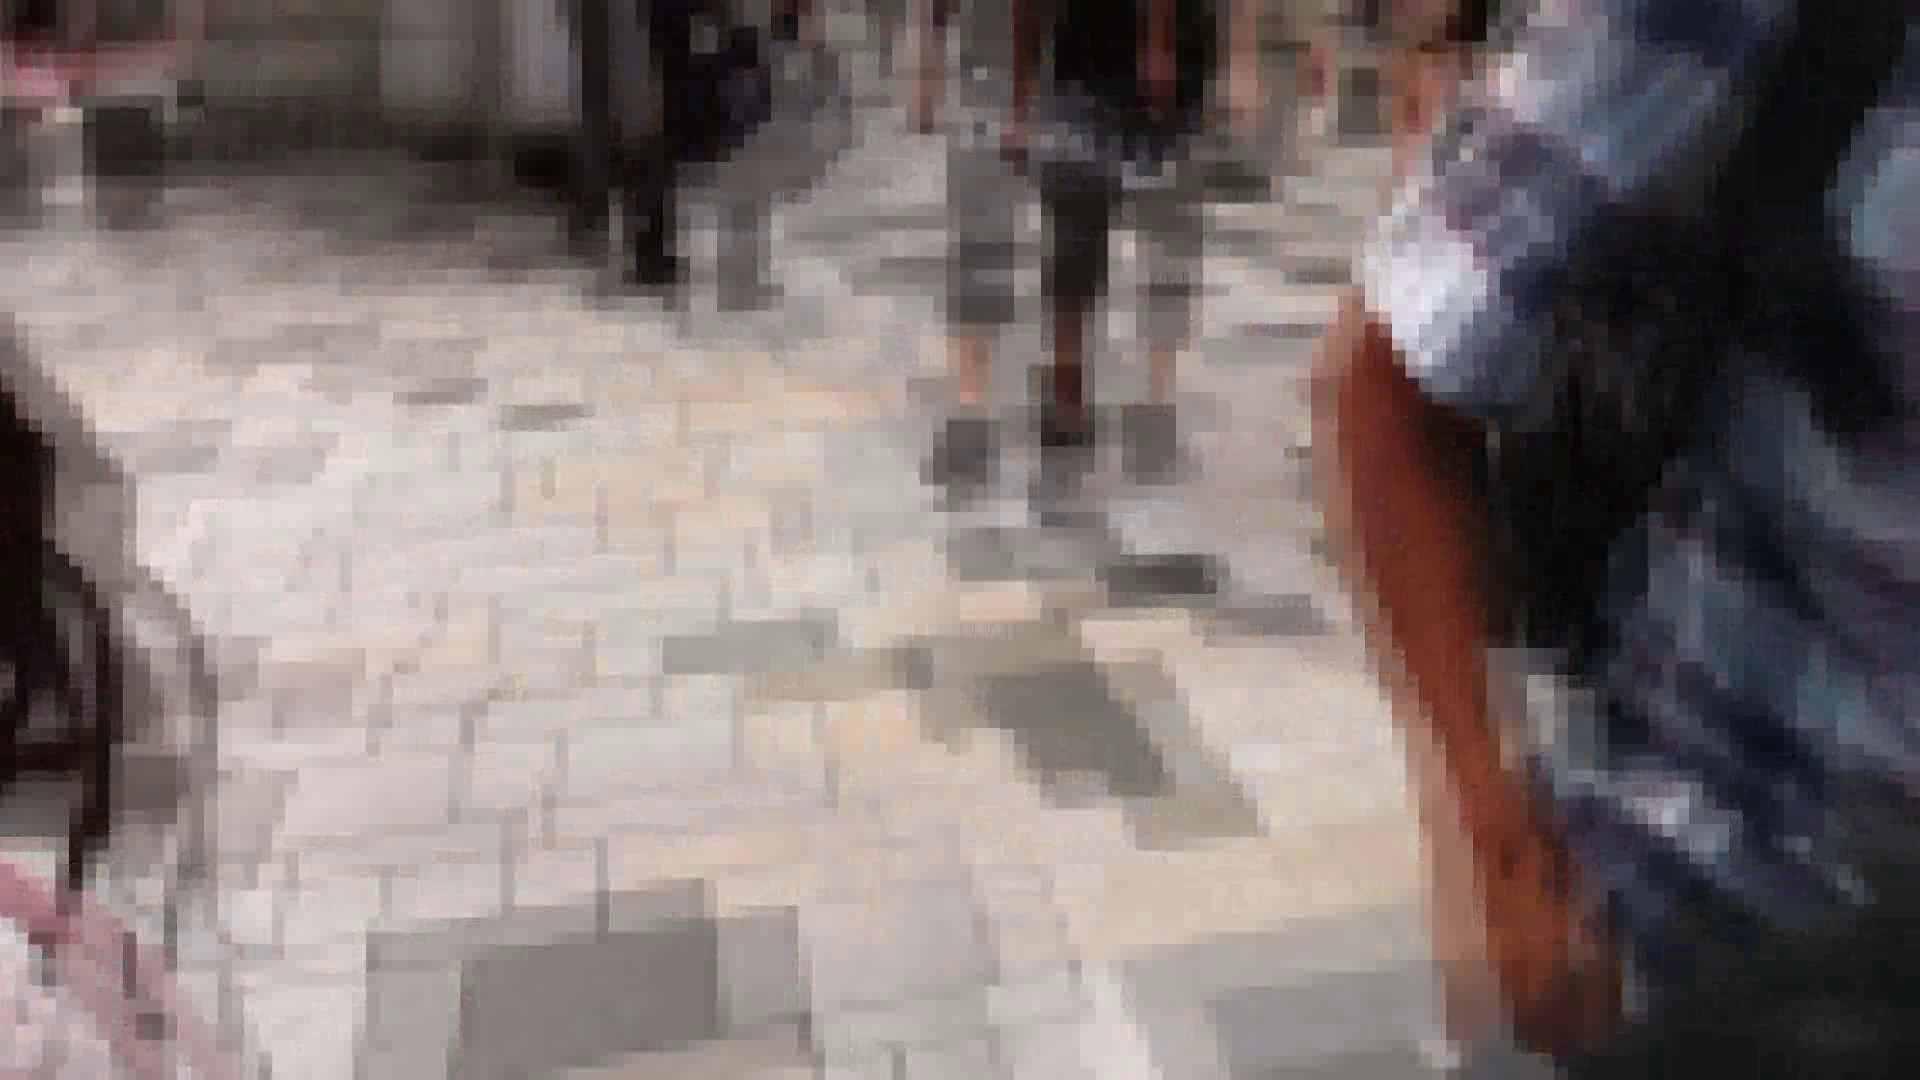 ガールズパンチラストリートビューVol.034 萌えギャル オマンコ動画キャプチャ 105連発 7